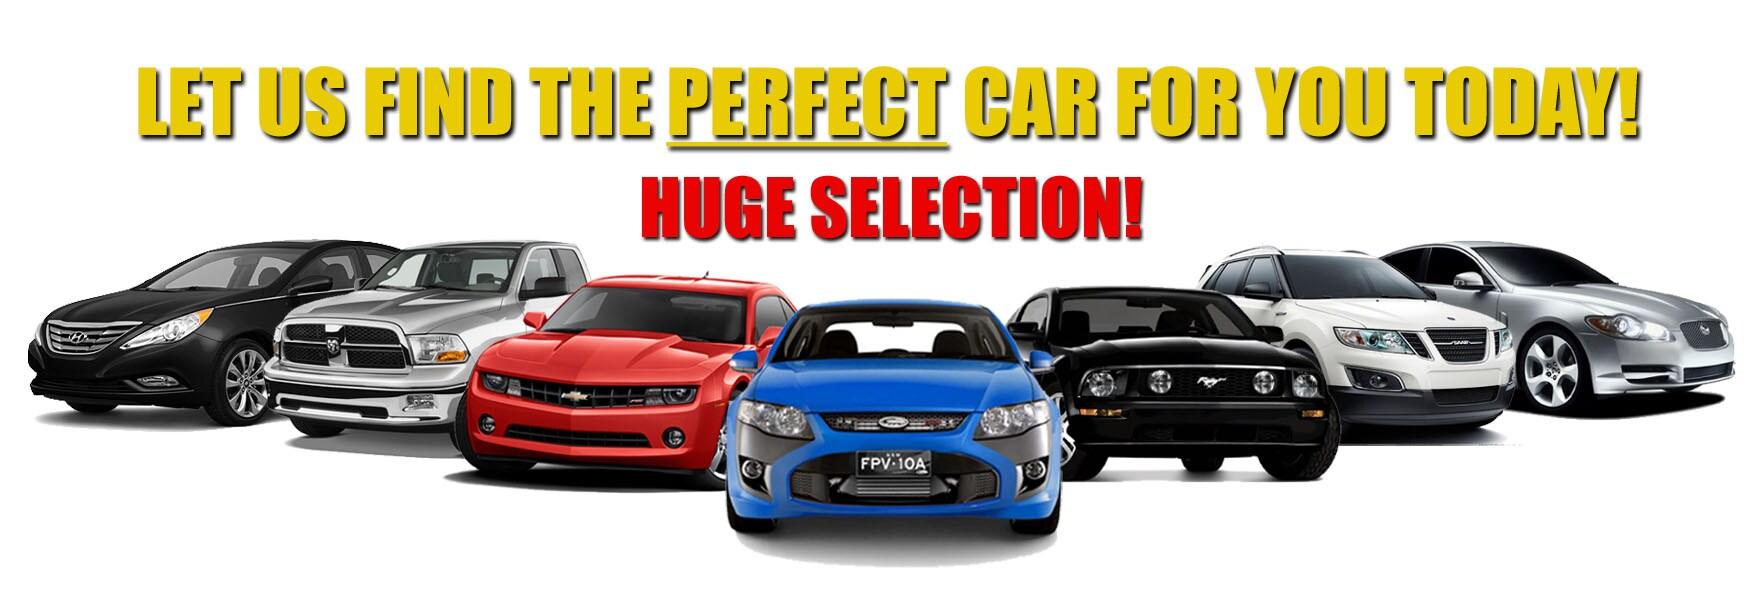 Brandon Auto Mall Brandon Fl >> Brandon Auto Mall Alfa Romeo | Vehicles for sale in Brandon, FL 33511